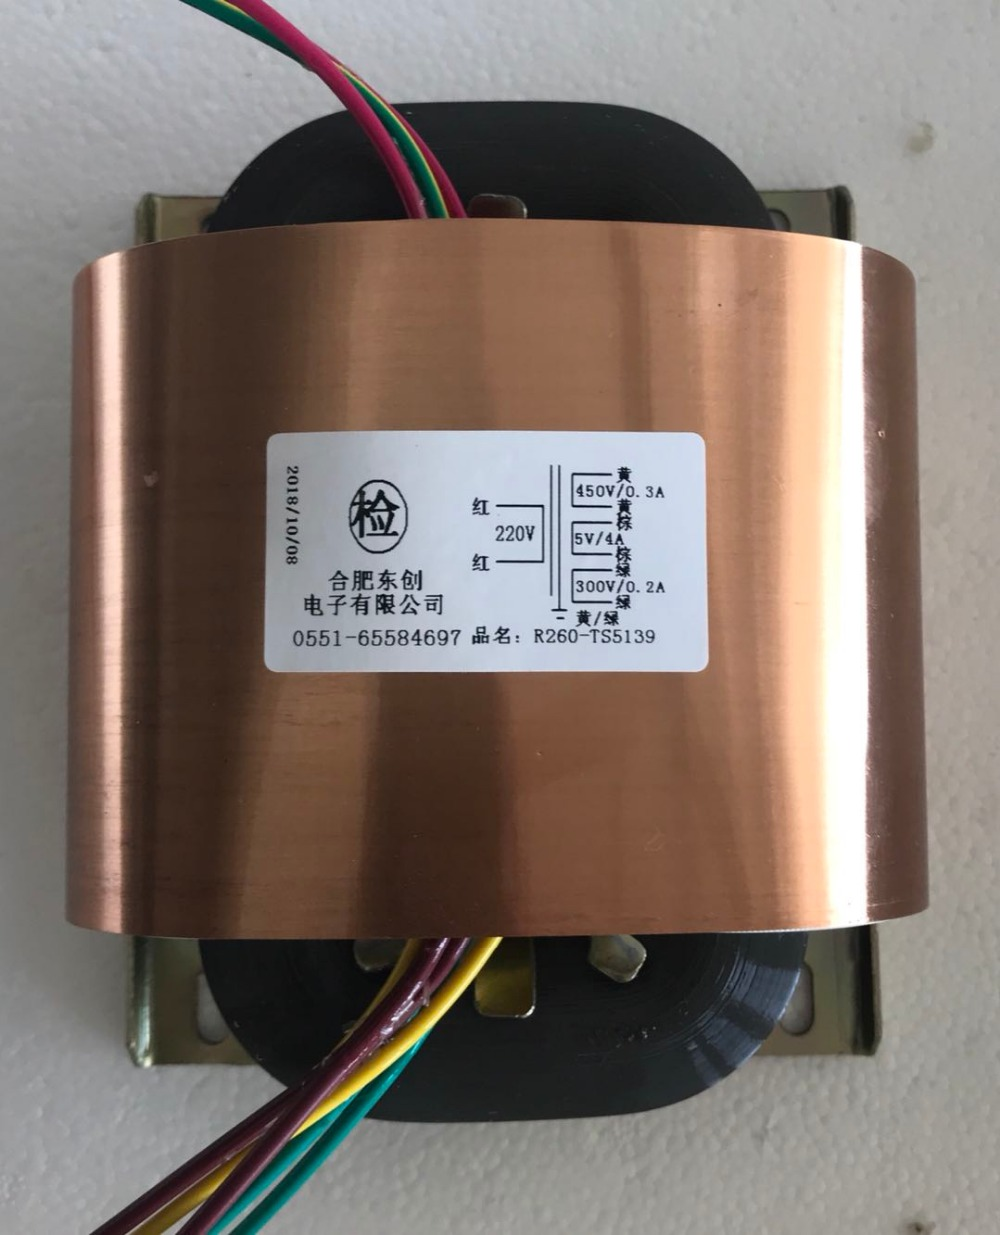 450V 0.3A 5V 4A 300V 0.2A R Core Transformer 215VA R260 custom transformer 220V input copper shield Power amplifier цены онлайн